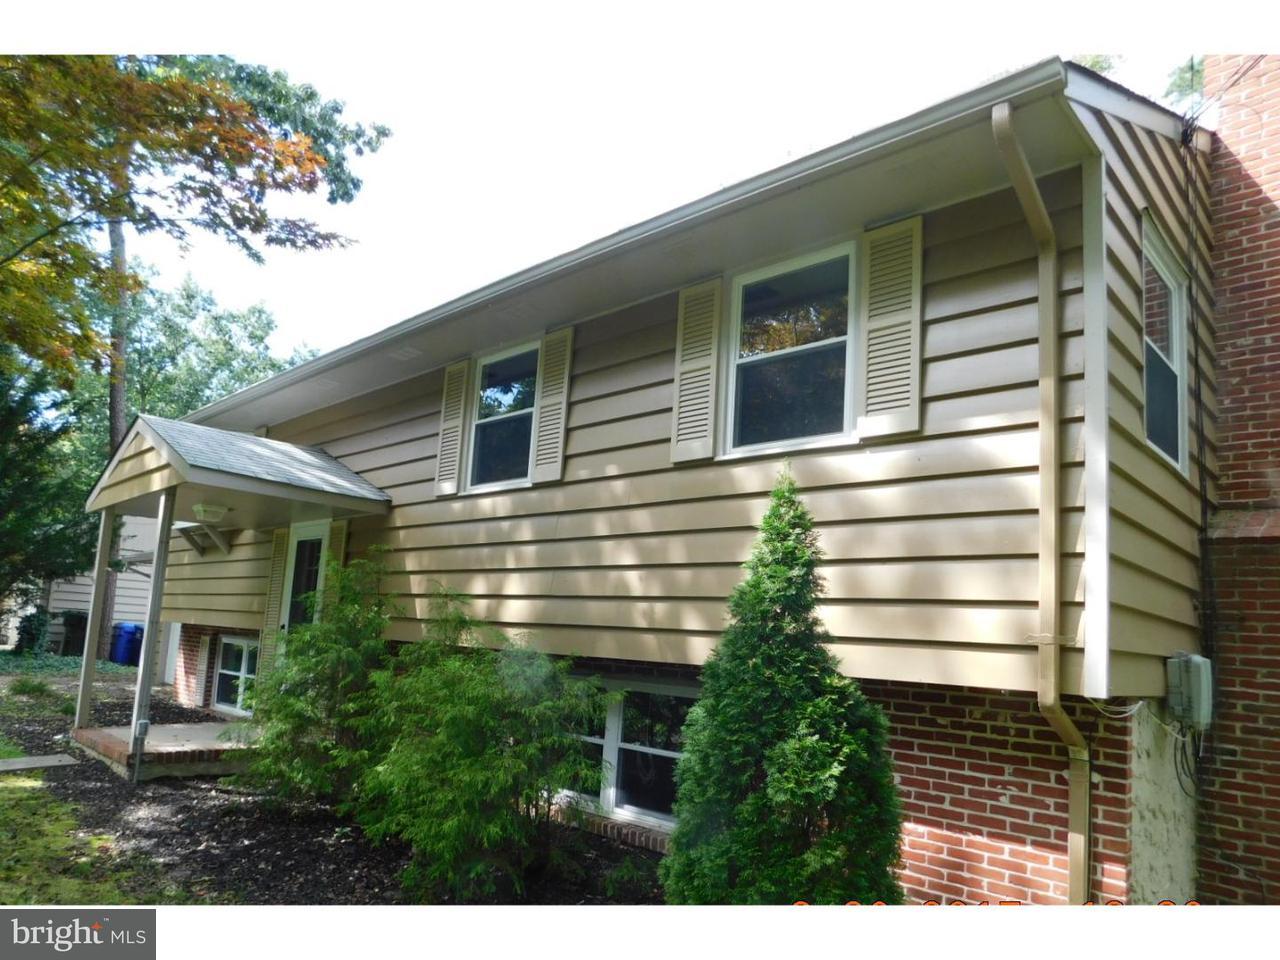 独户住宅 为 销售 在 64 KOSOTO Trail Medford Lakes, 新泽西州 08055 美国